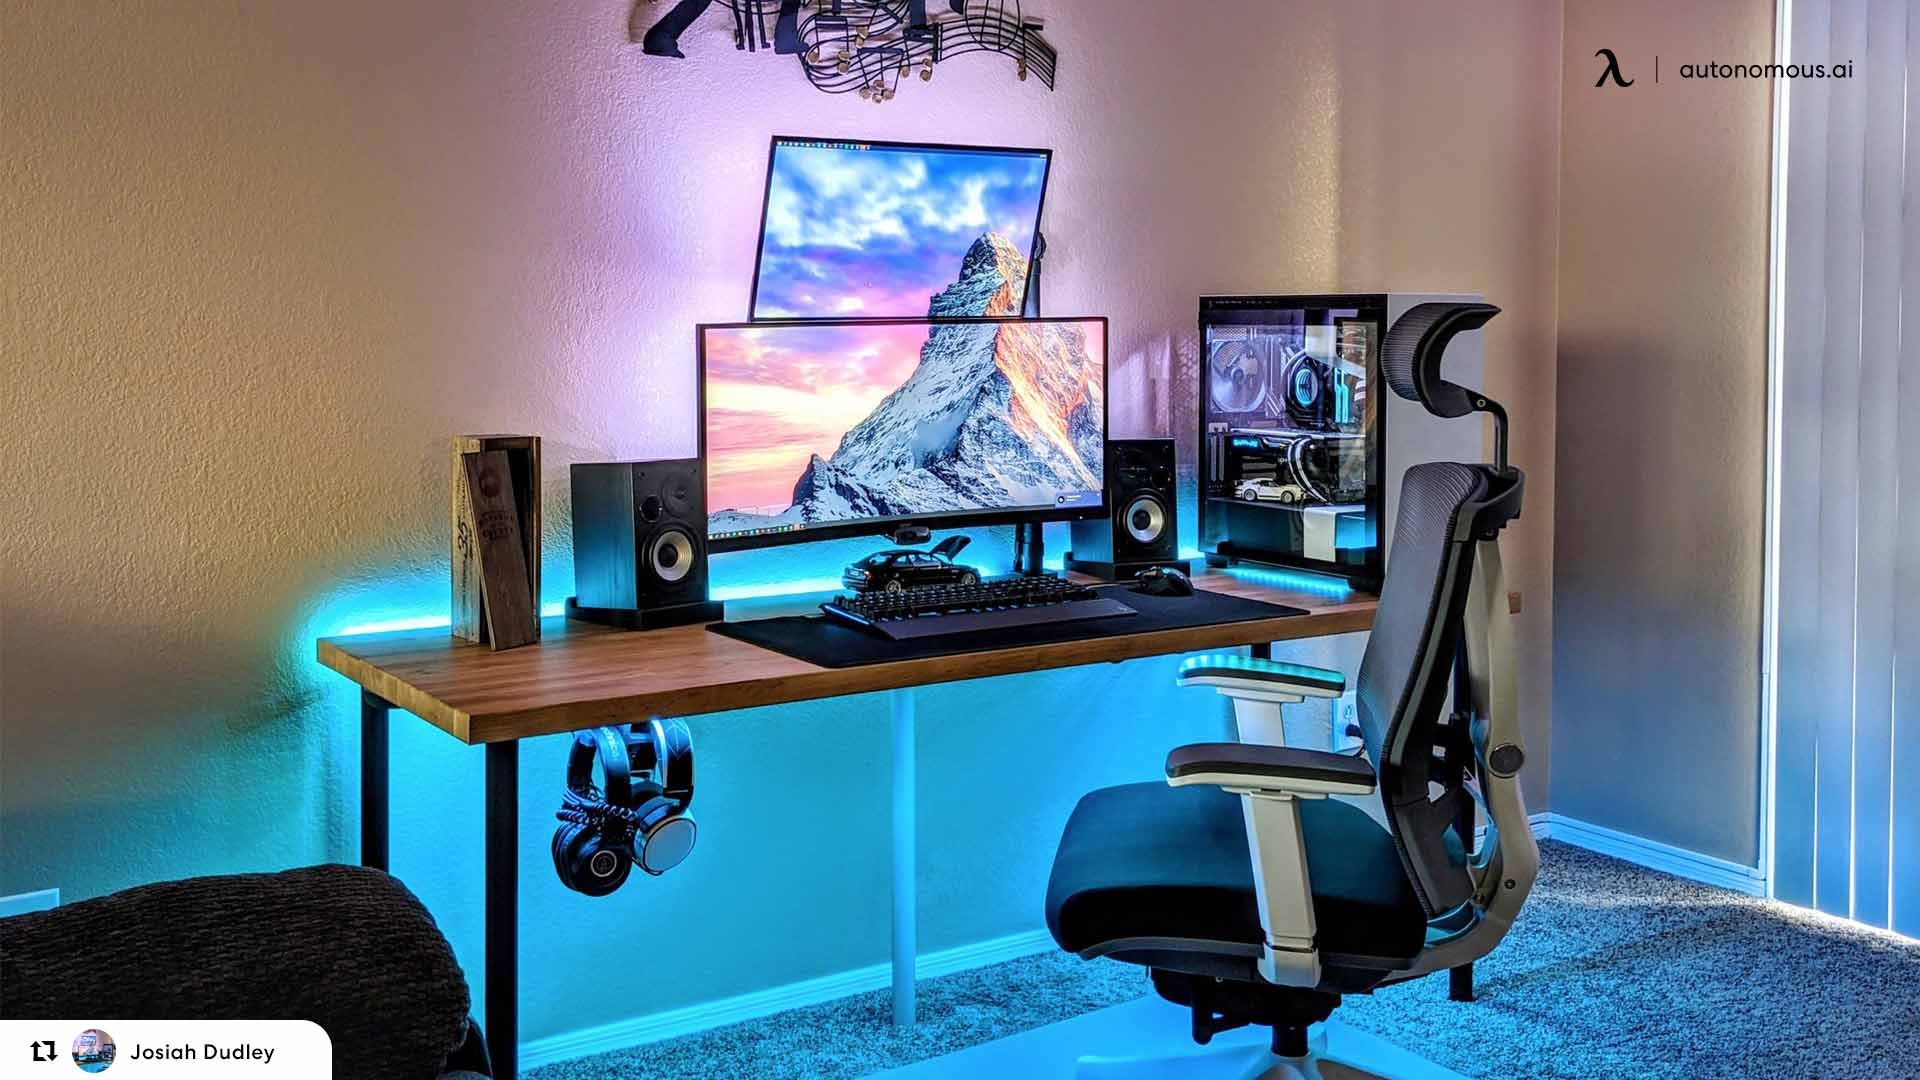 Consider a larger desk